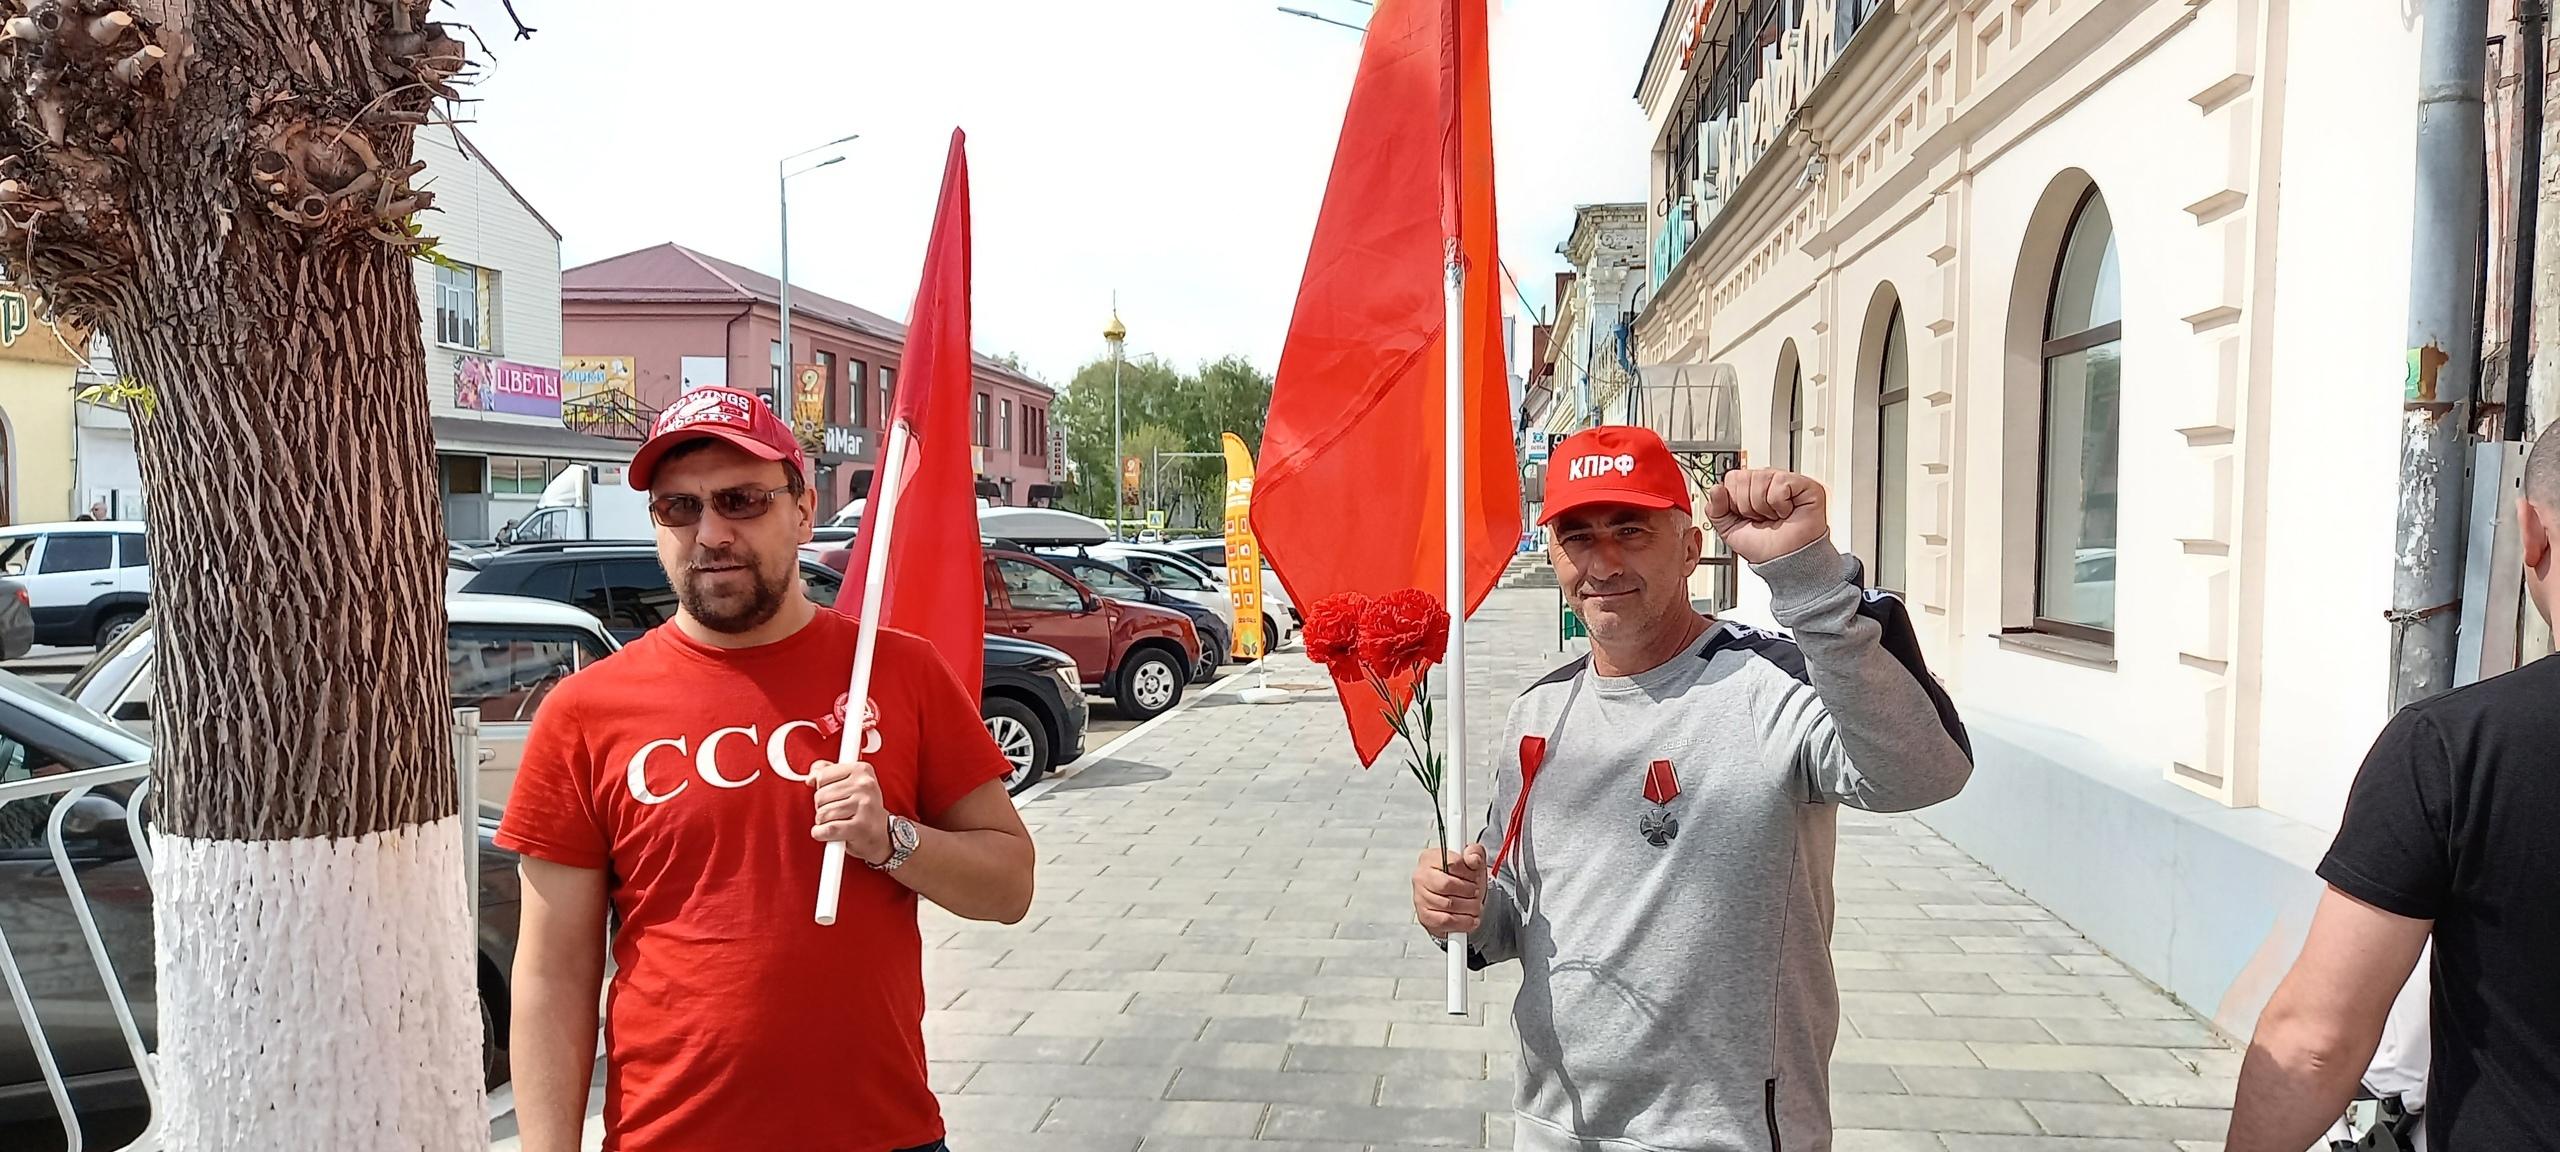 9 мая 2021 в Сызрани - КПРФ на День Победы